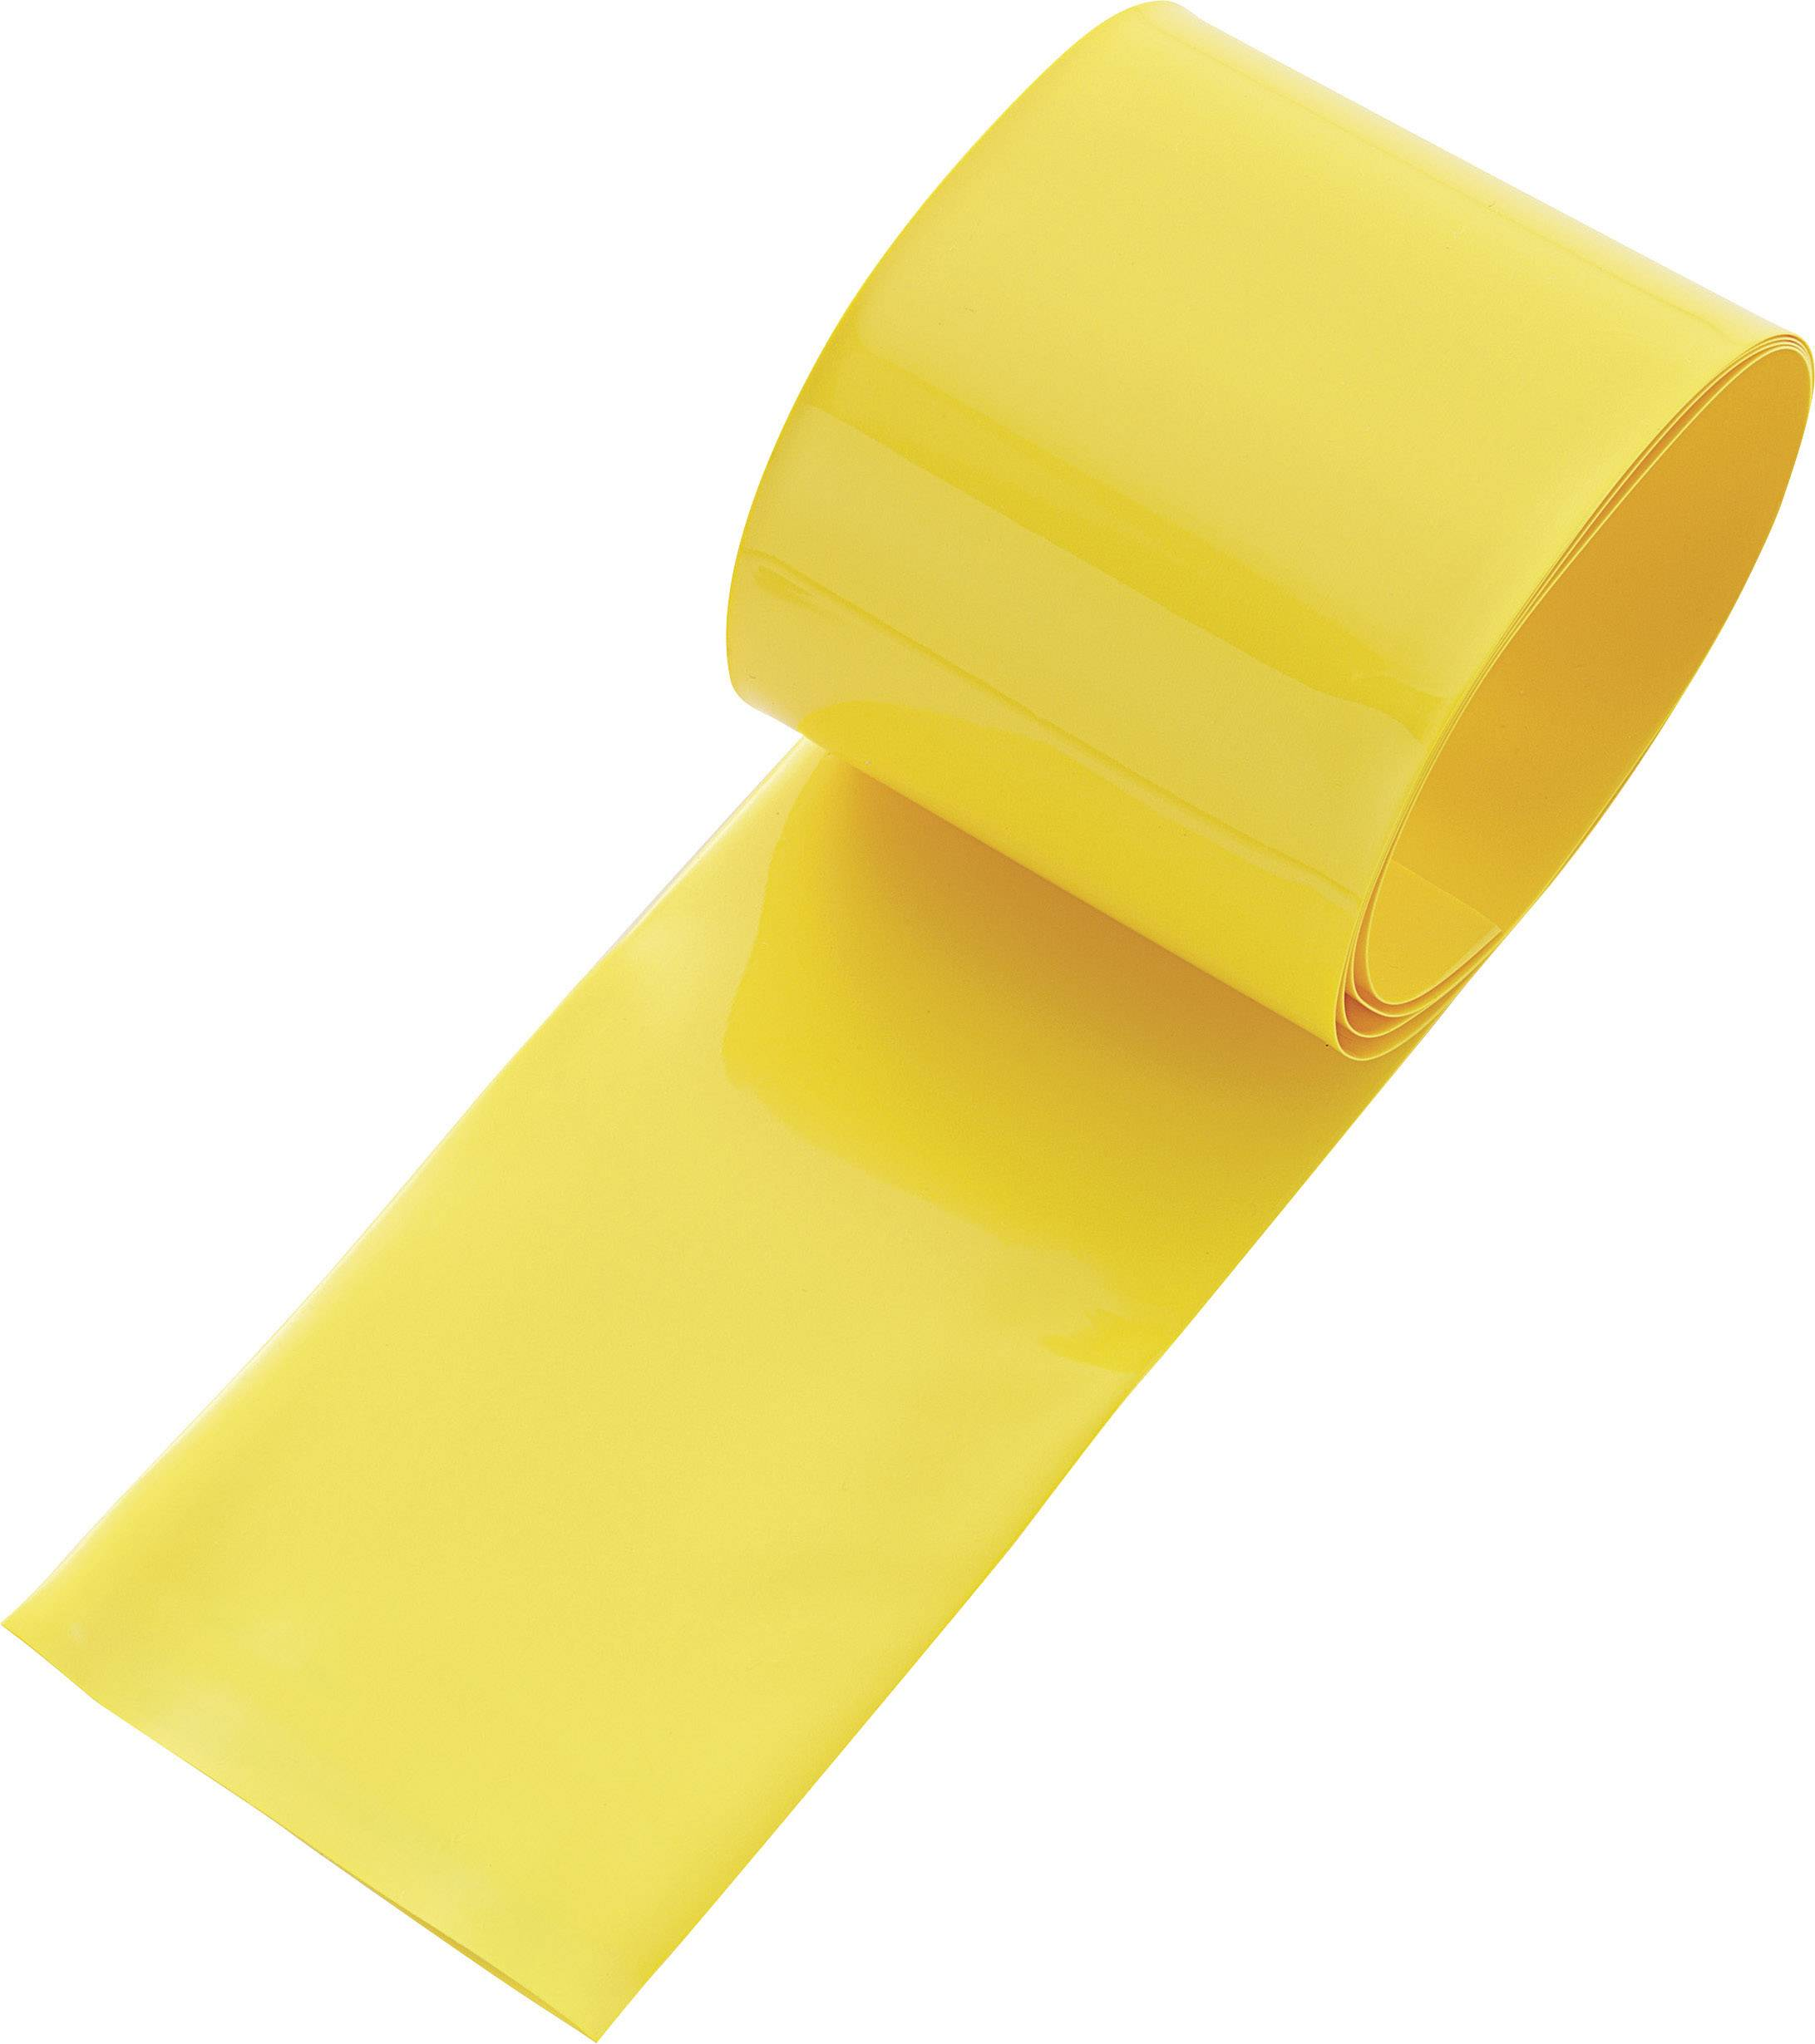 Zmršťovacia bužírka na akumulátory, bez lepidla TRU COMPONENTS 93014c85e, 130 mm, žltá, 1 ks